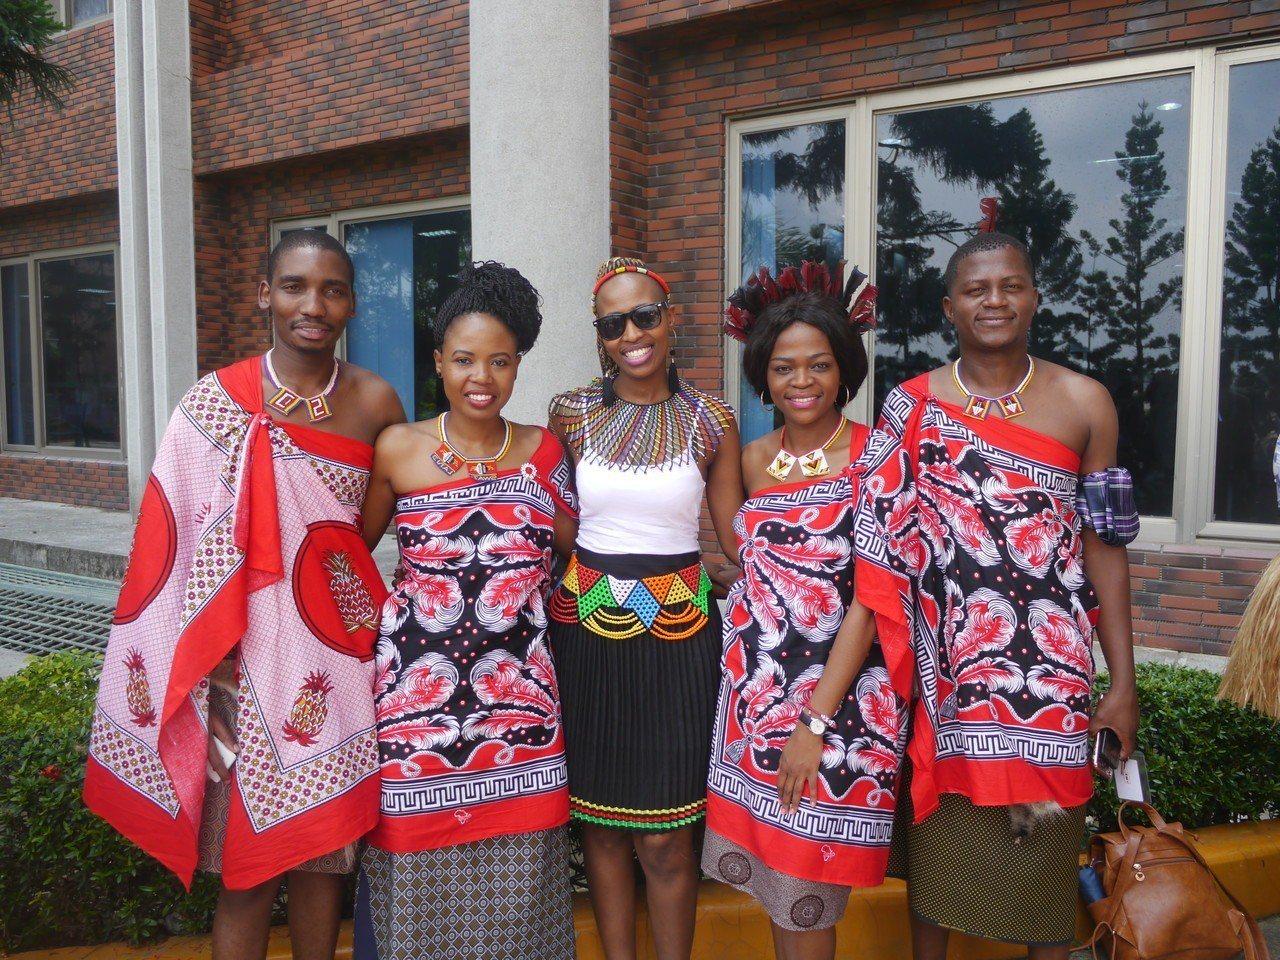 非洲史瓦濟蘭學生穿著傳統服飾出席活動,稱讚台灣人非常友善。記者徐白櫻/攝影